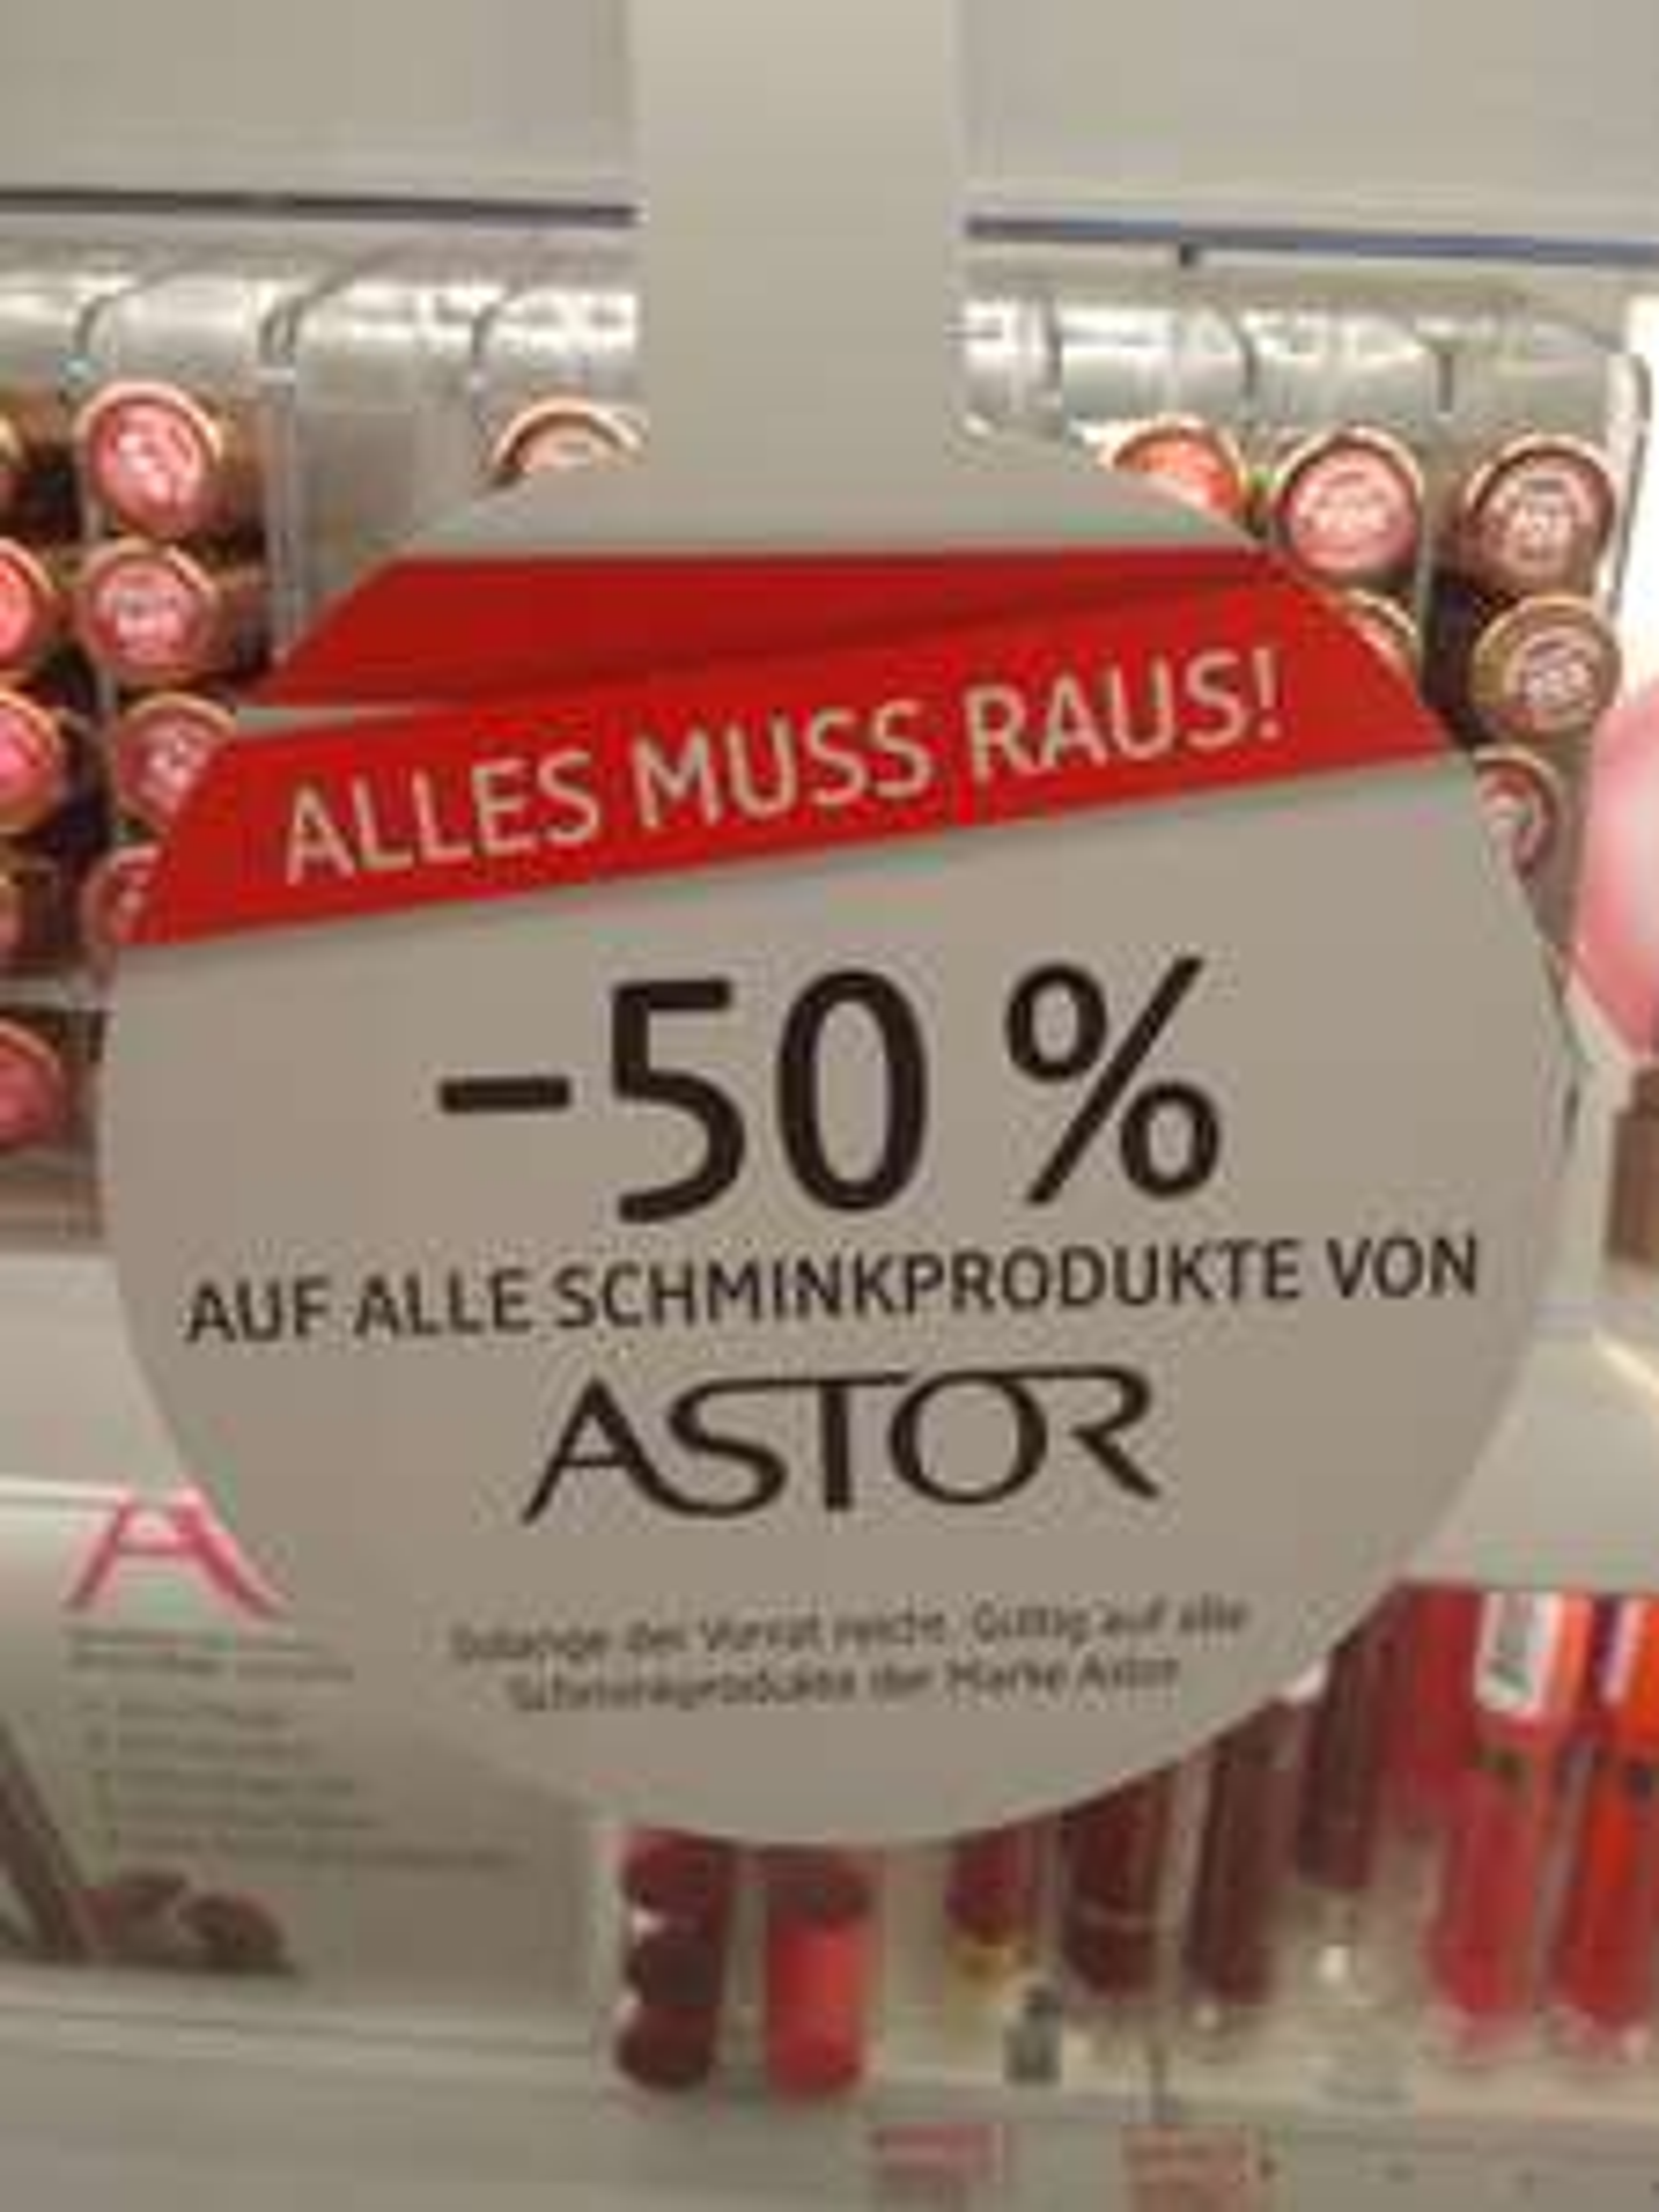 [DM] -50% auf alle Schminktprodukte von Astor